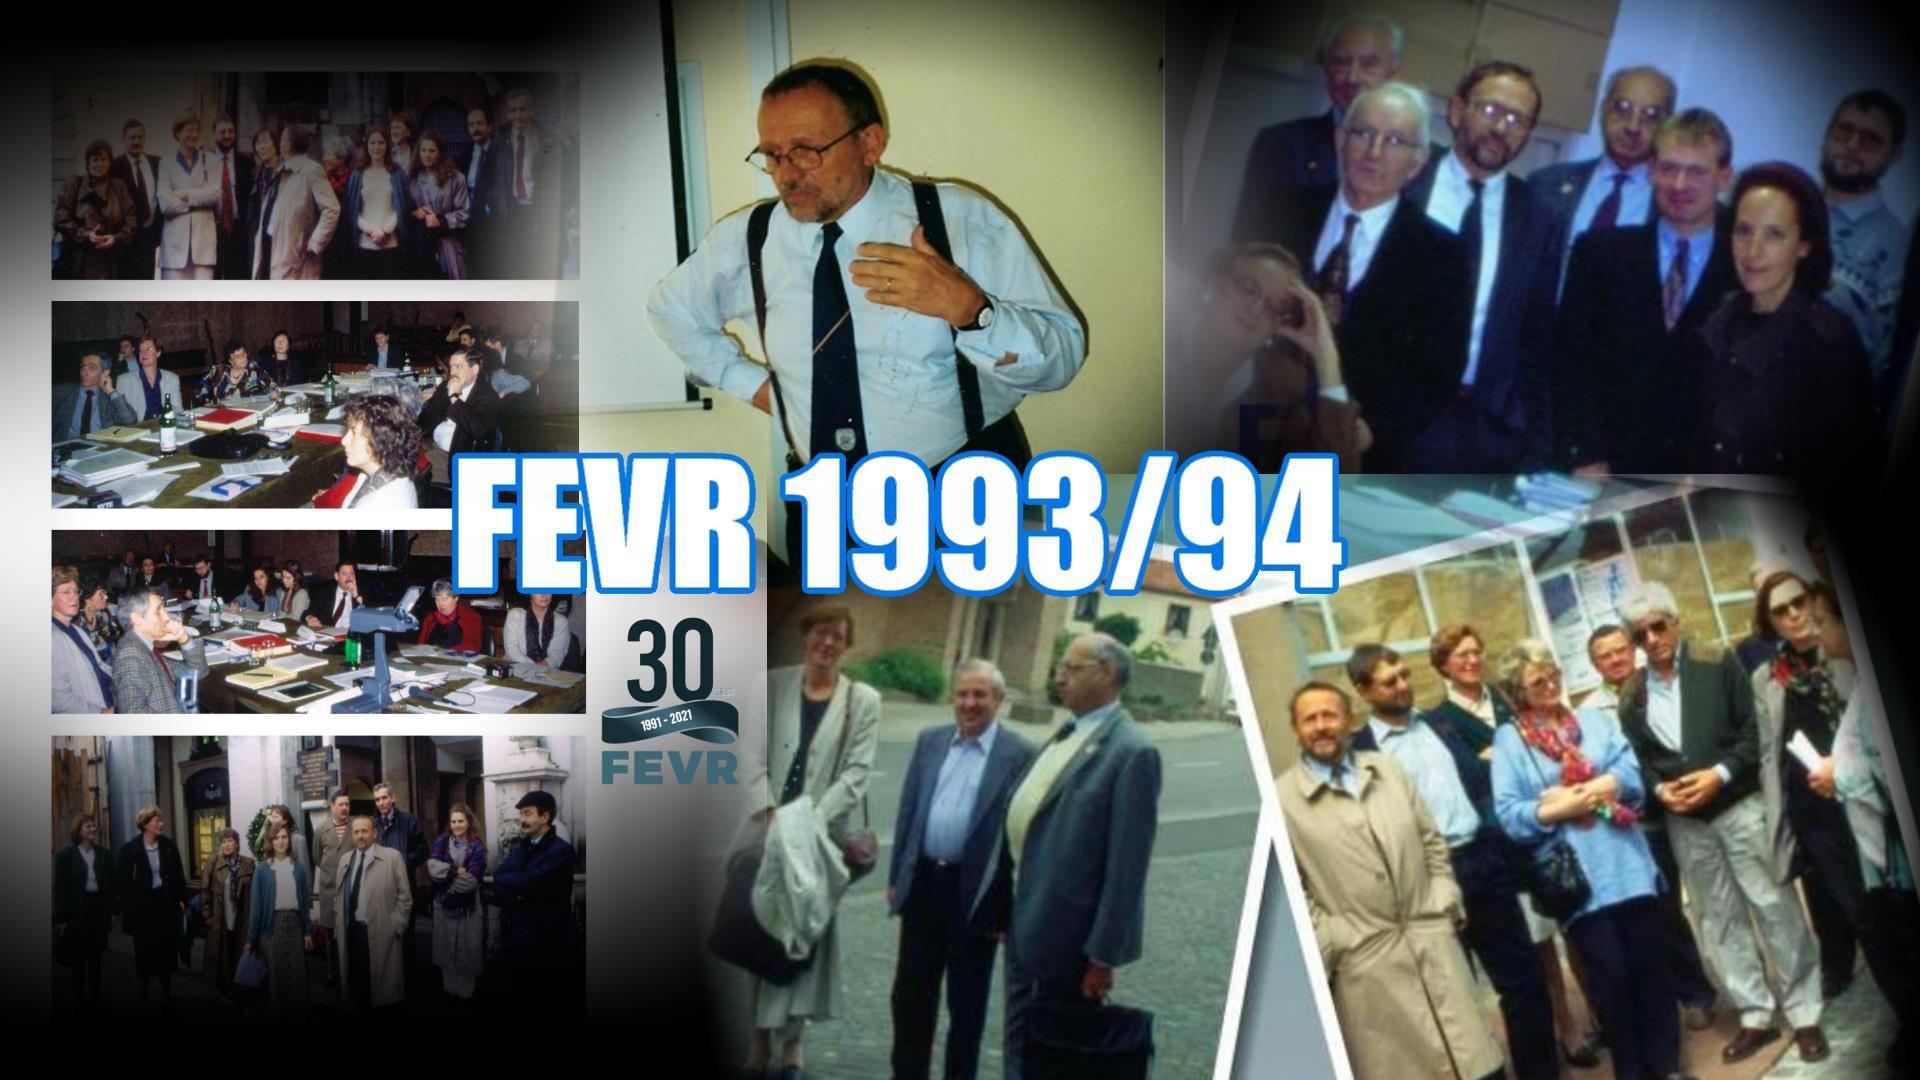 FEVR 1993